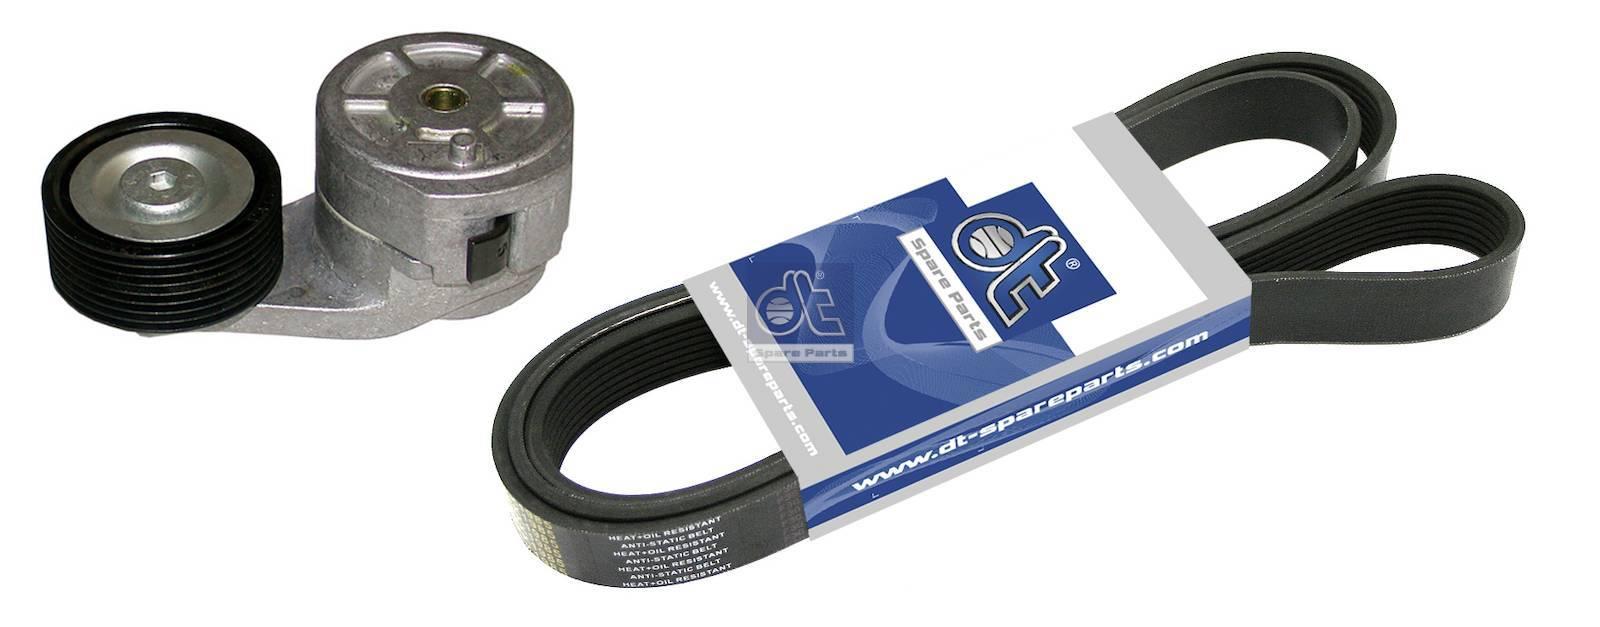 Belt tensioner, complete, with multiribbed belt